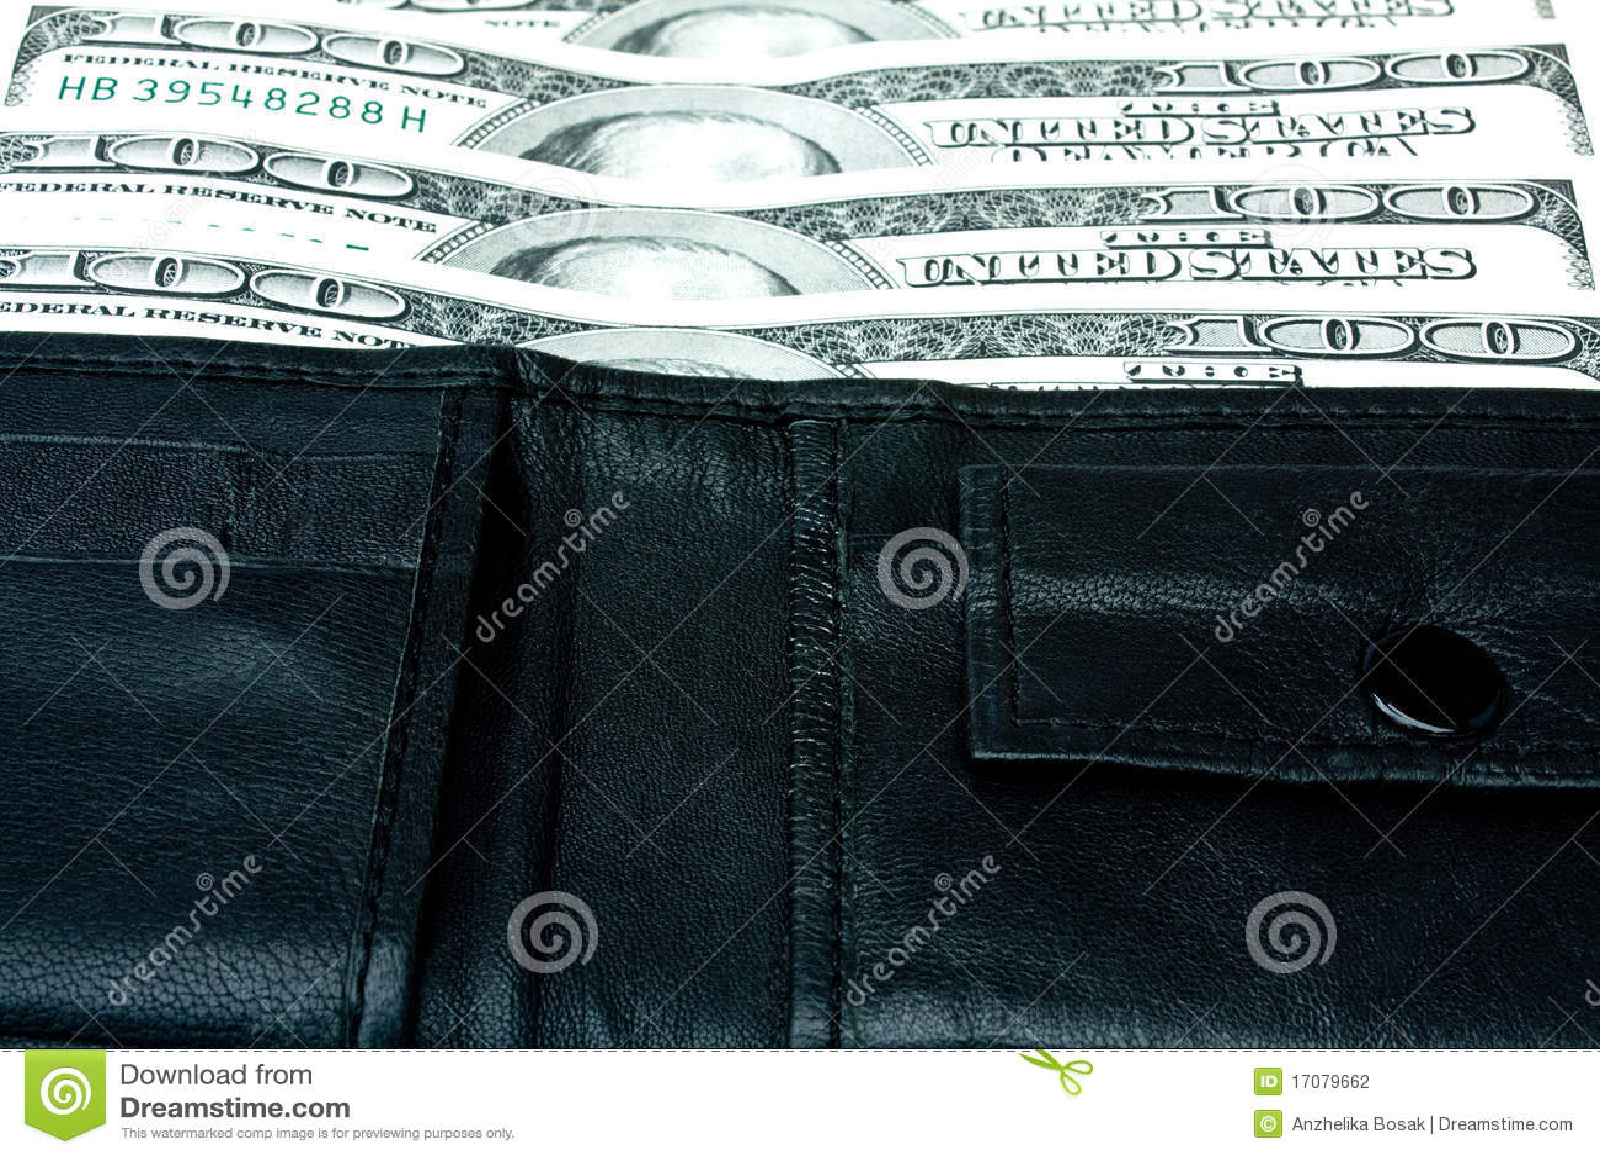 Geld in einem Fonds